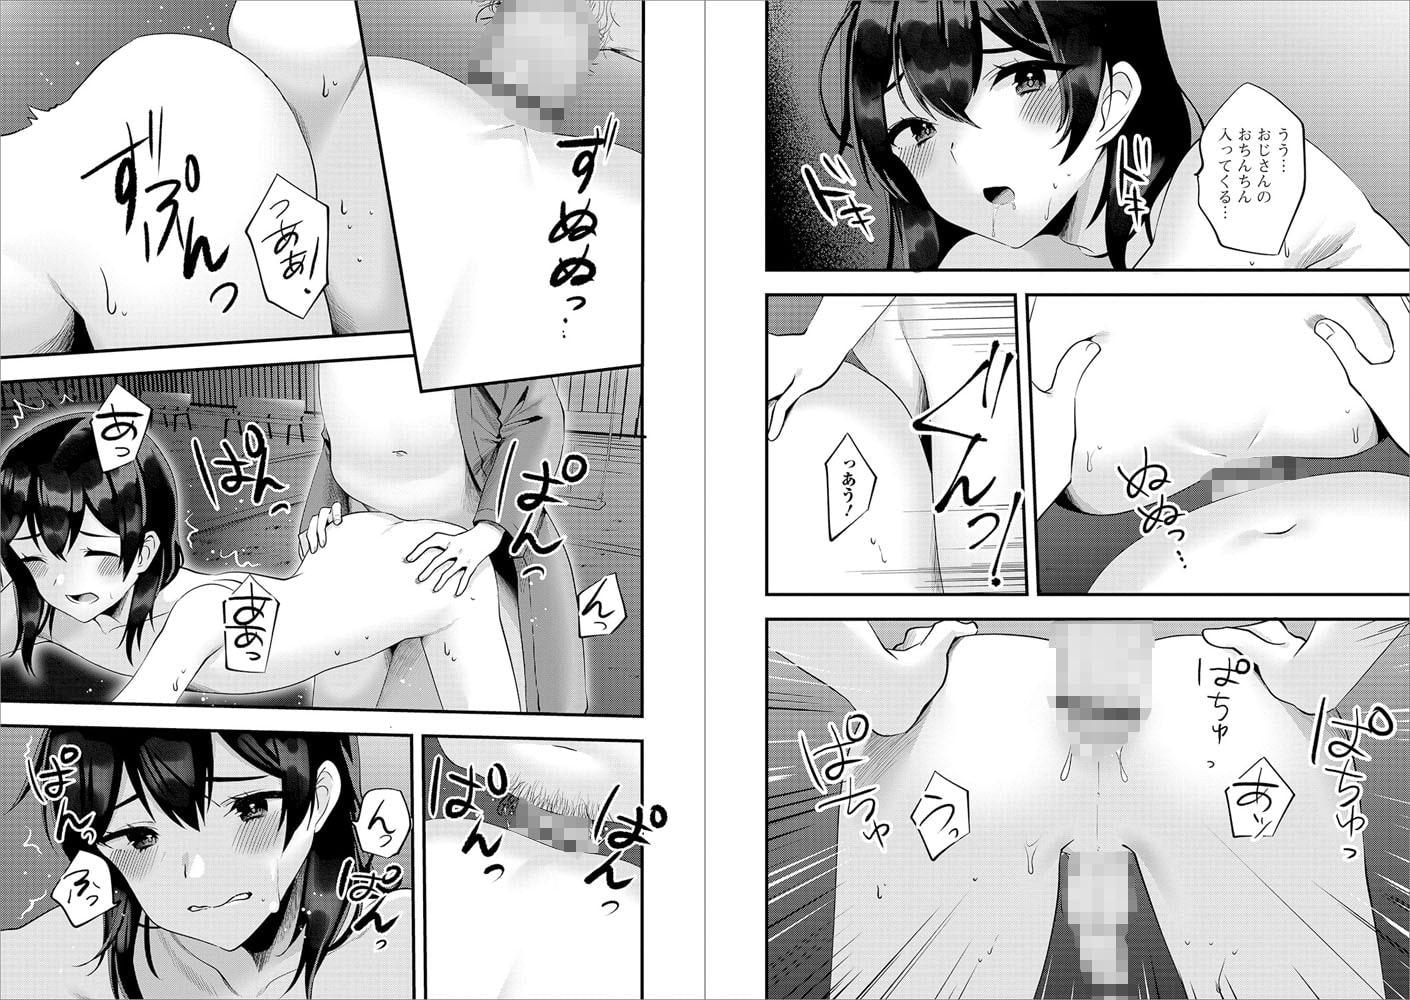 「月刊Web男の娘・れくしょんッ! S」 Vol.41~Vol.50 10巻パック